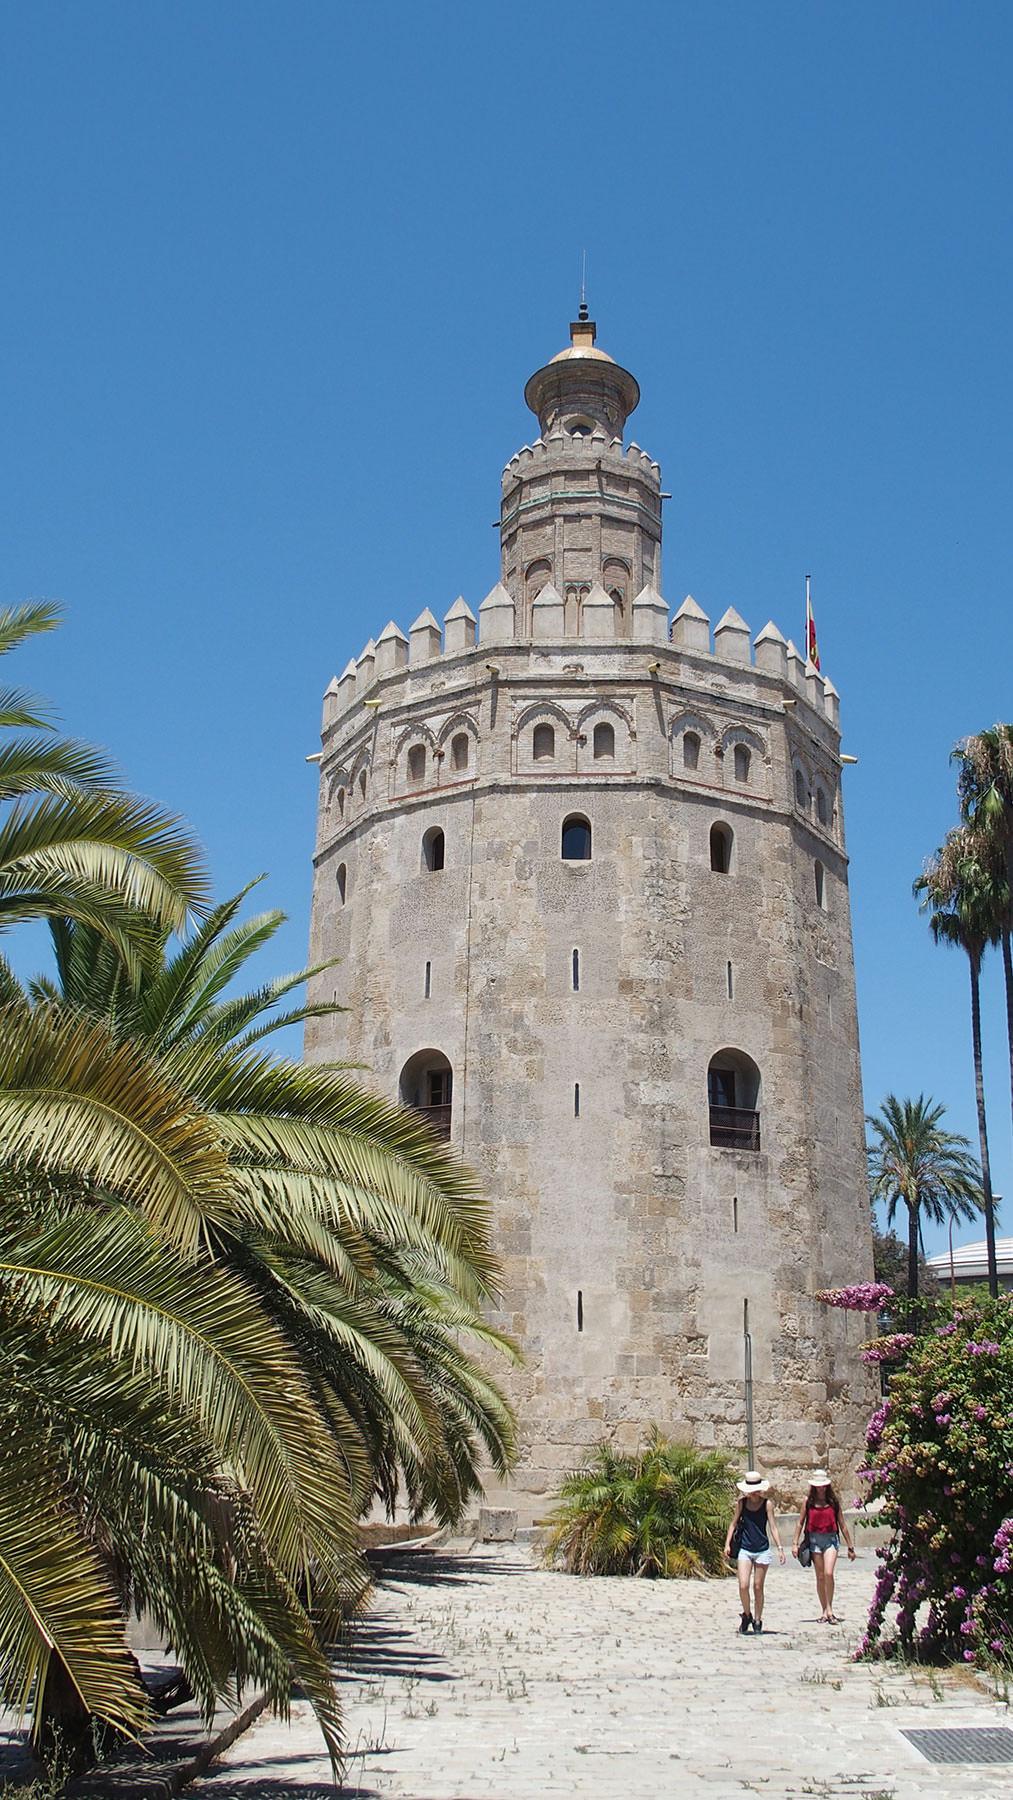 Dekorative Tür in der Medina von Rabat